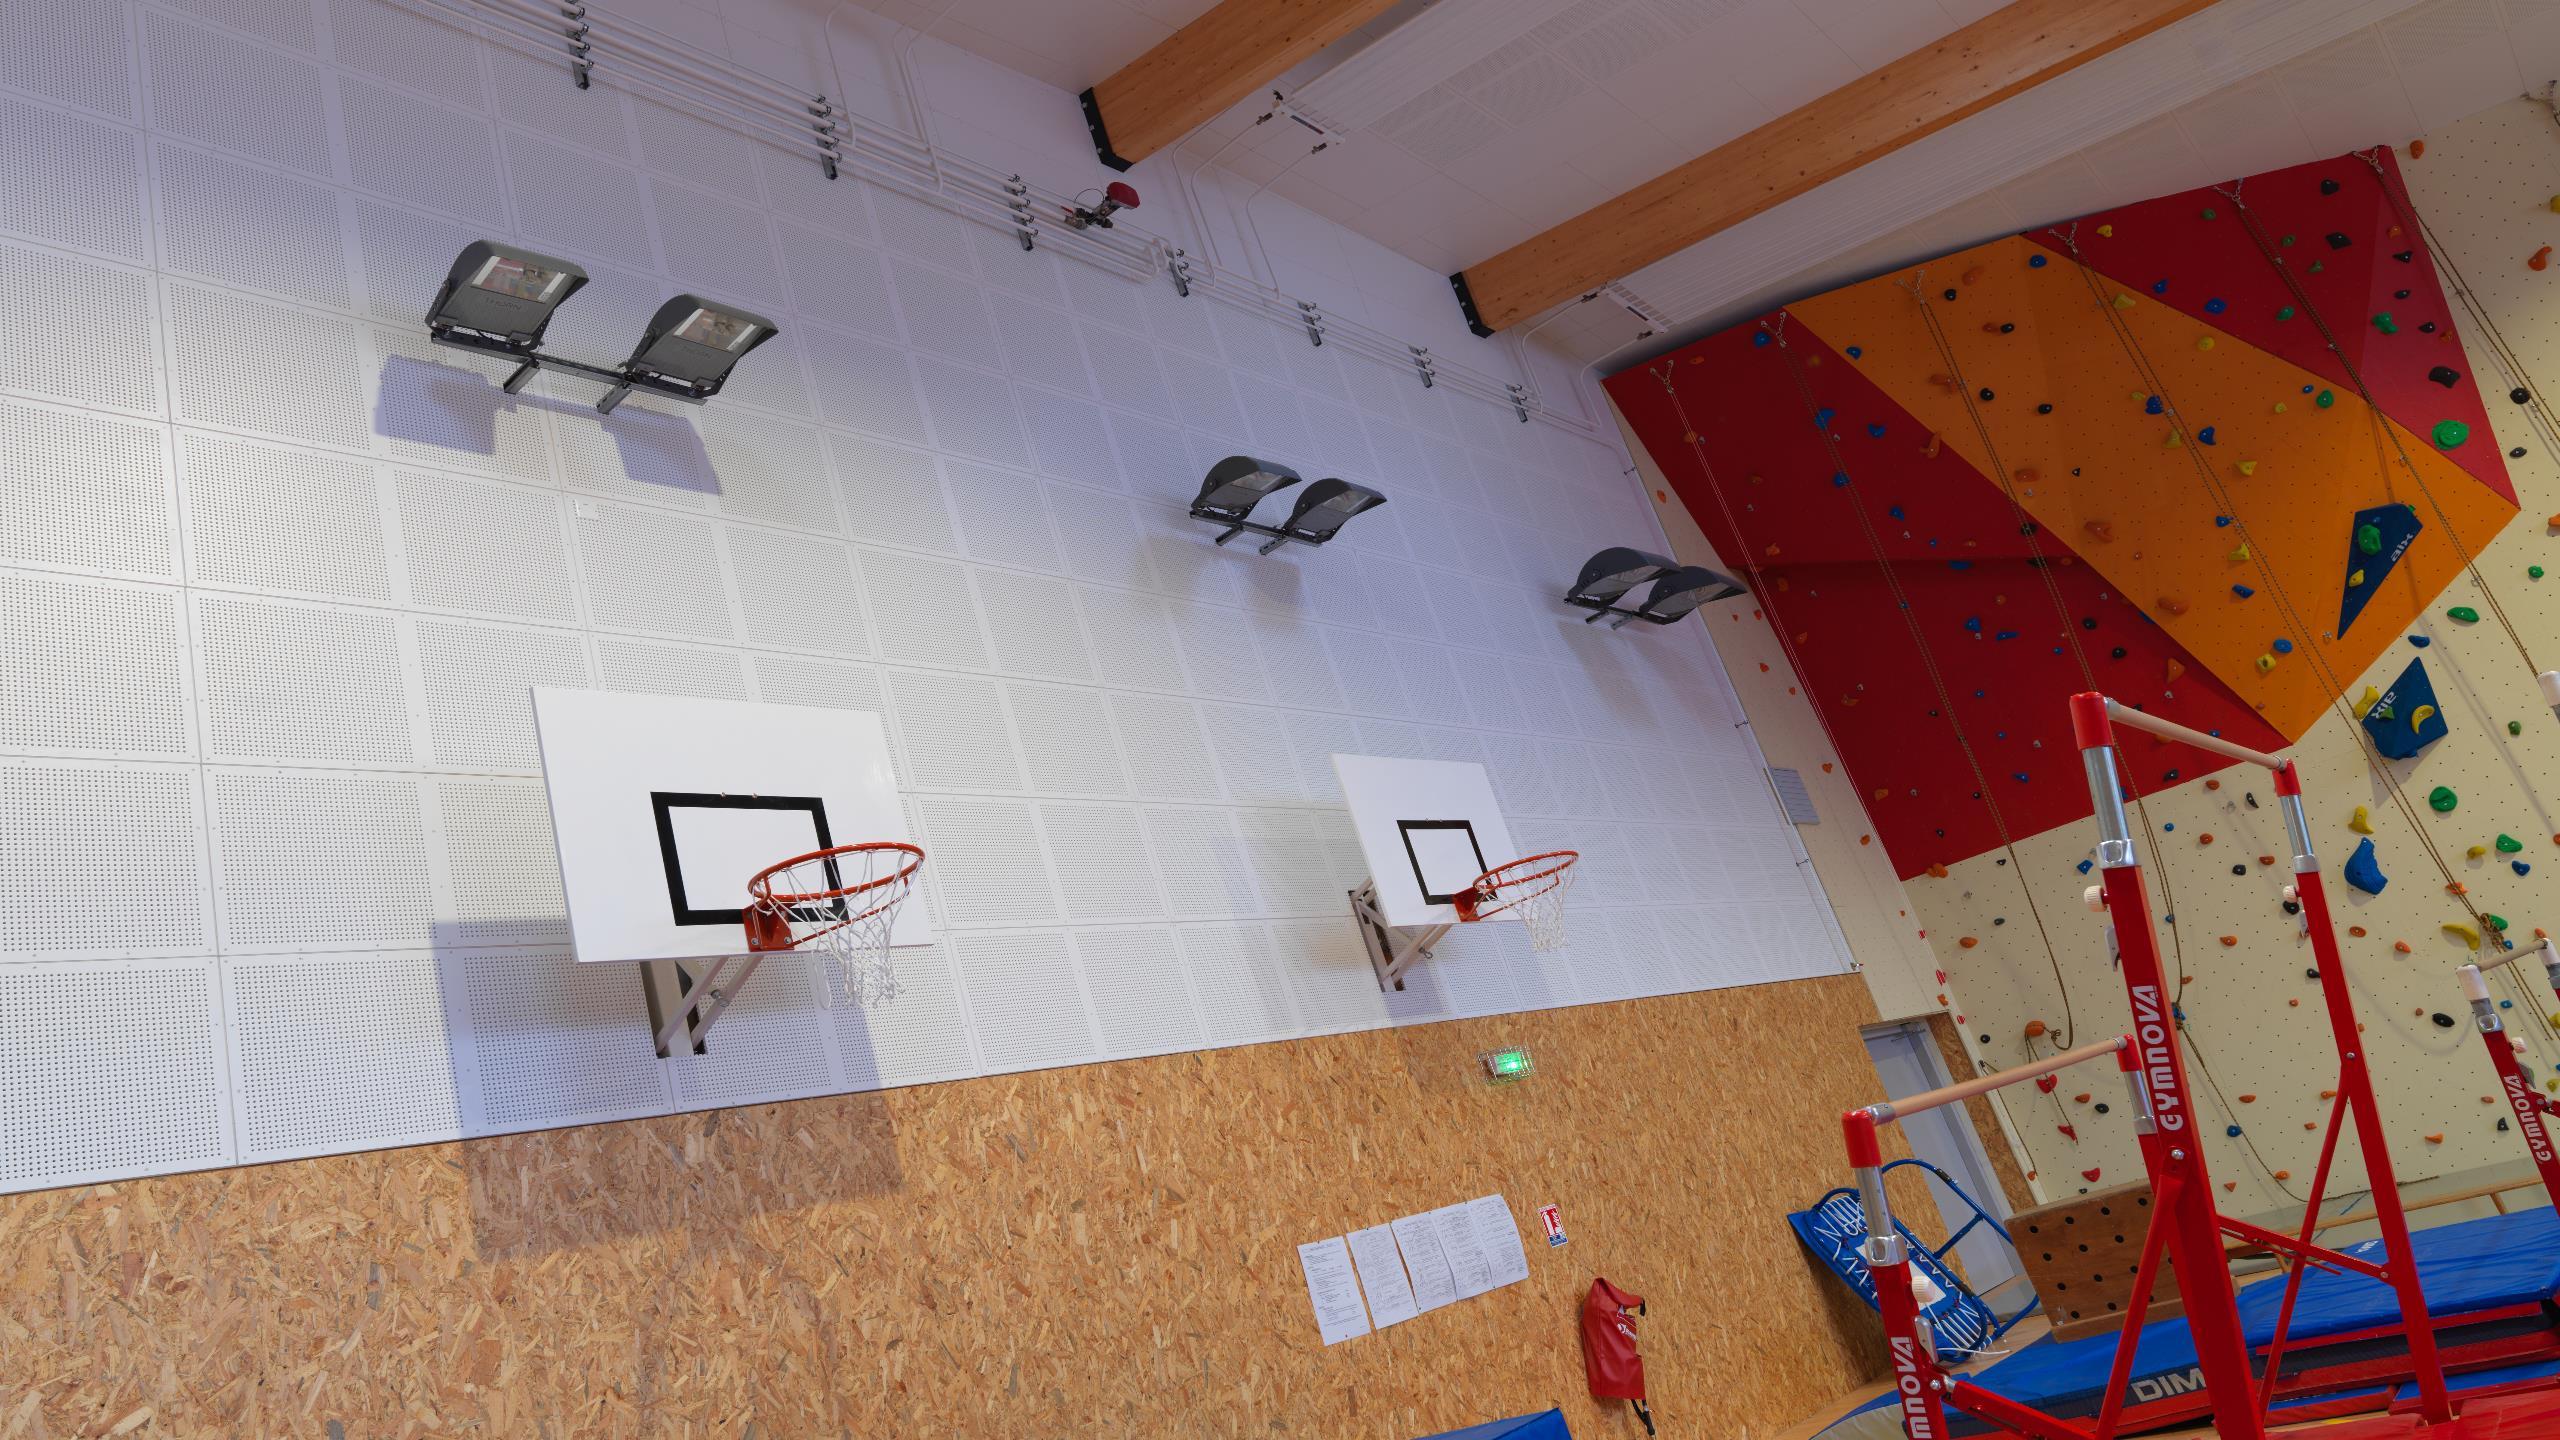 School Gymnasium - Contrapanel on walls